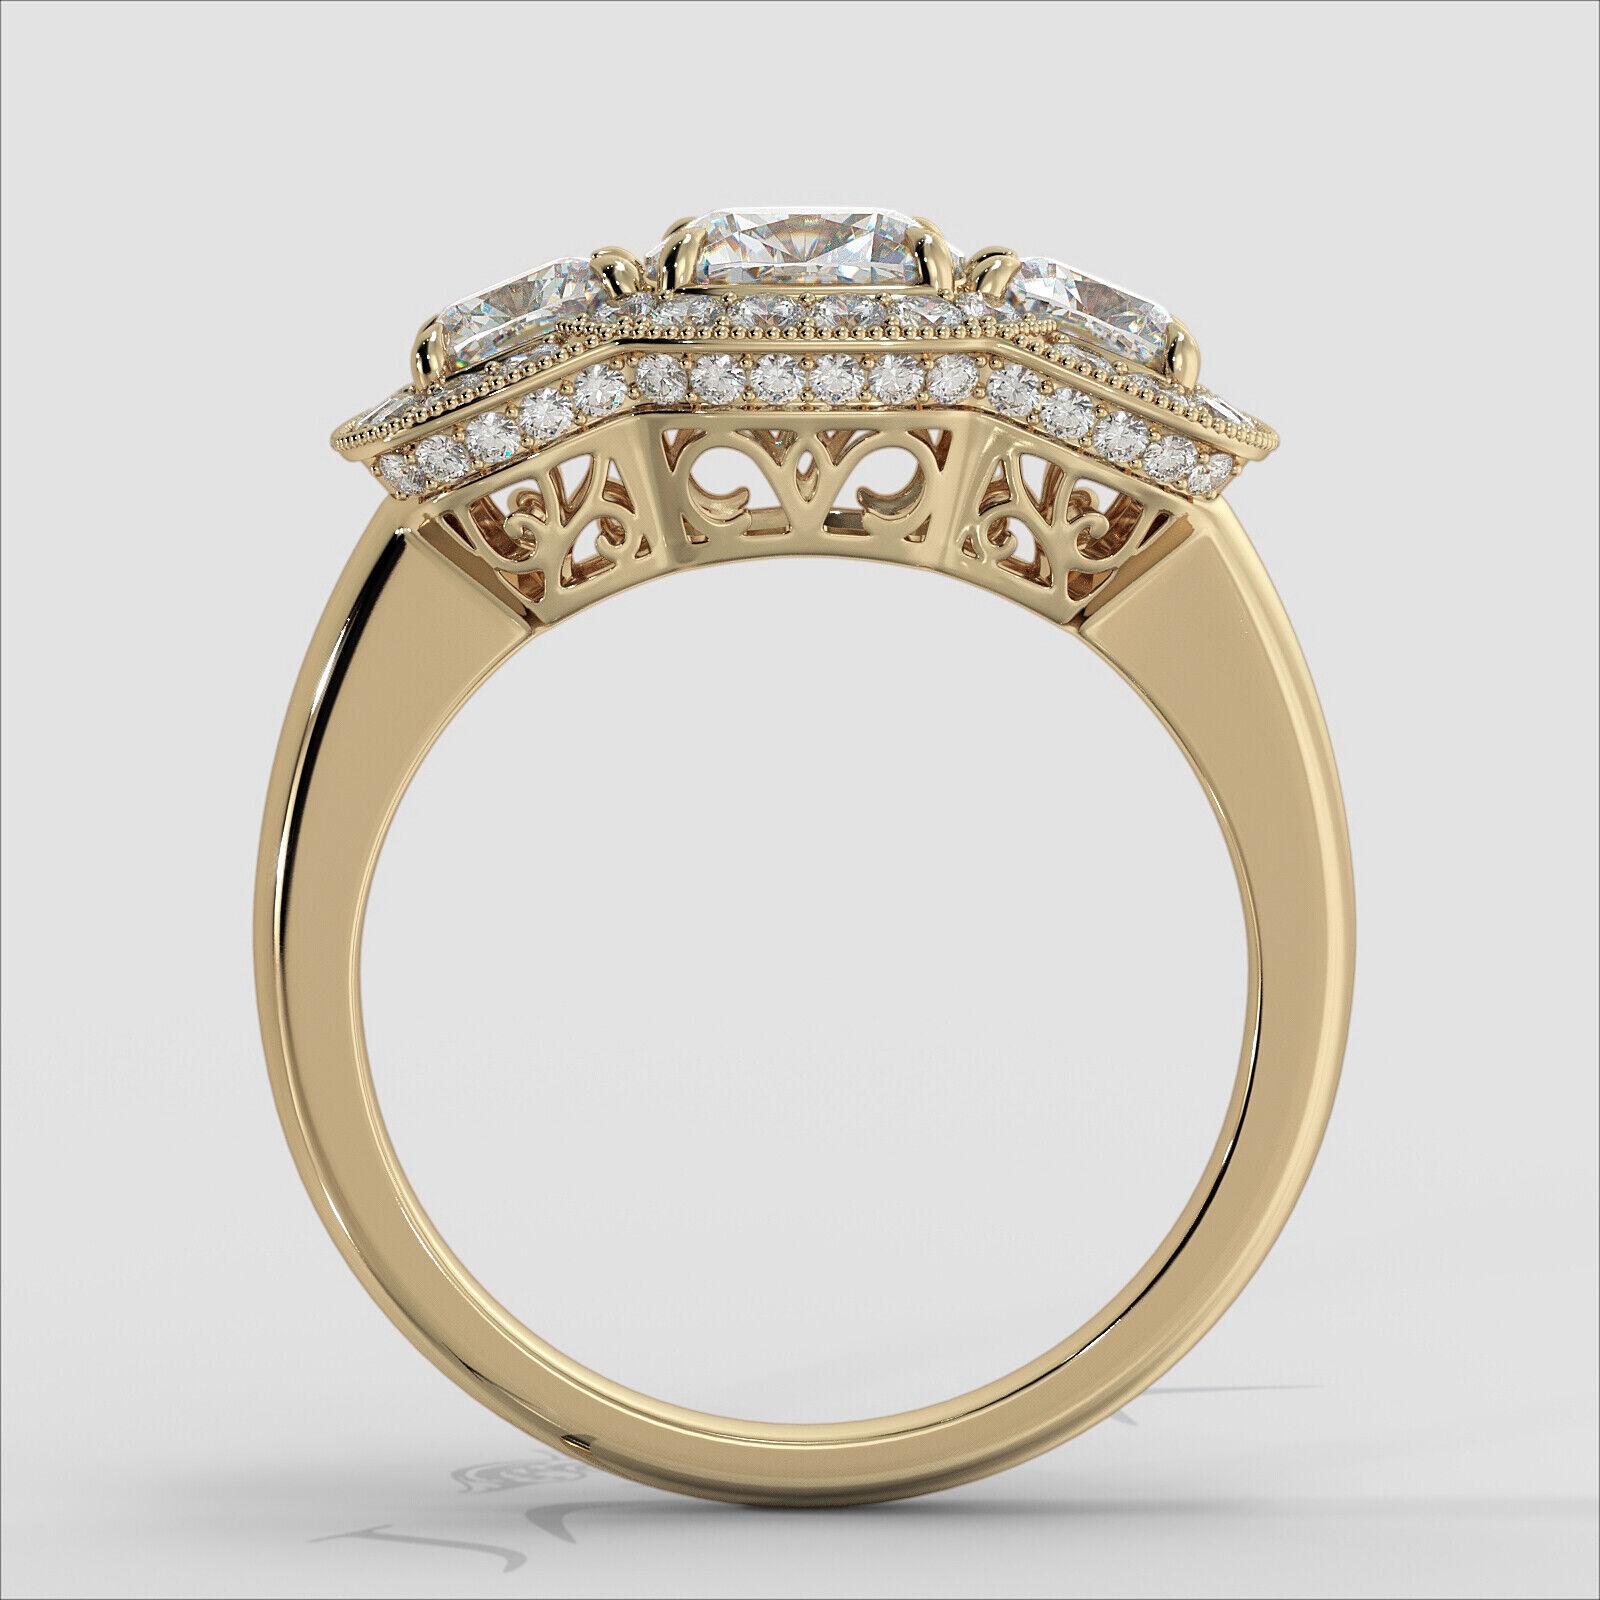 2.25ctw Milgrain Halo 3 Stone Cushion Diamond Engagement Ring GIA I-SI1 W Gold 10